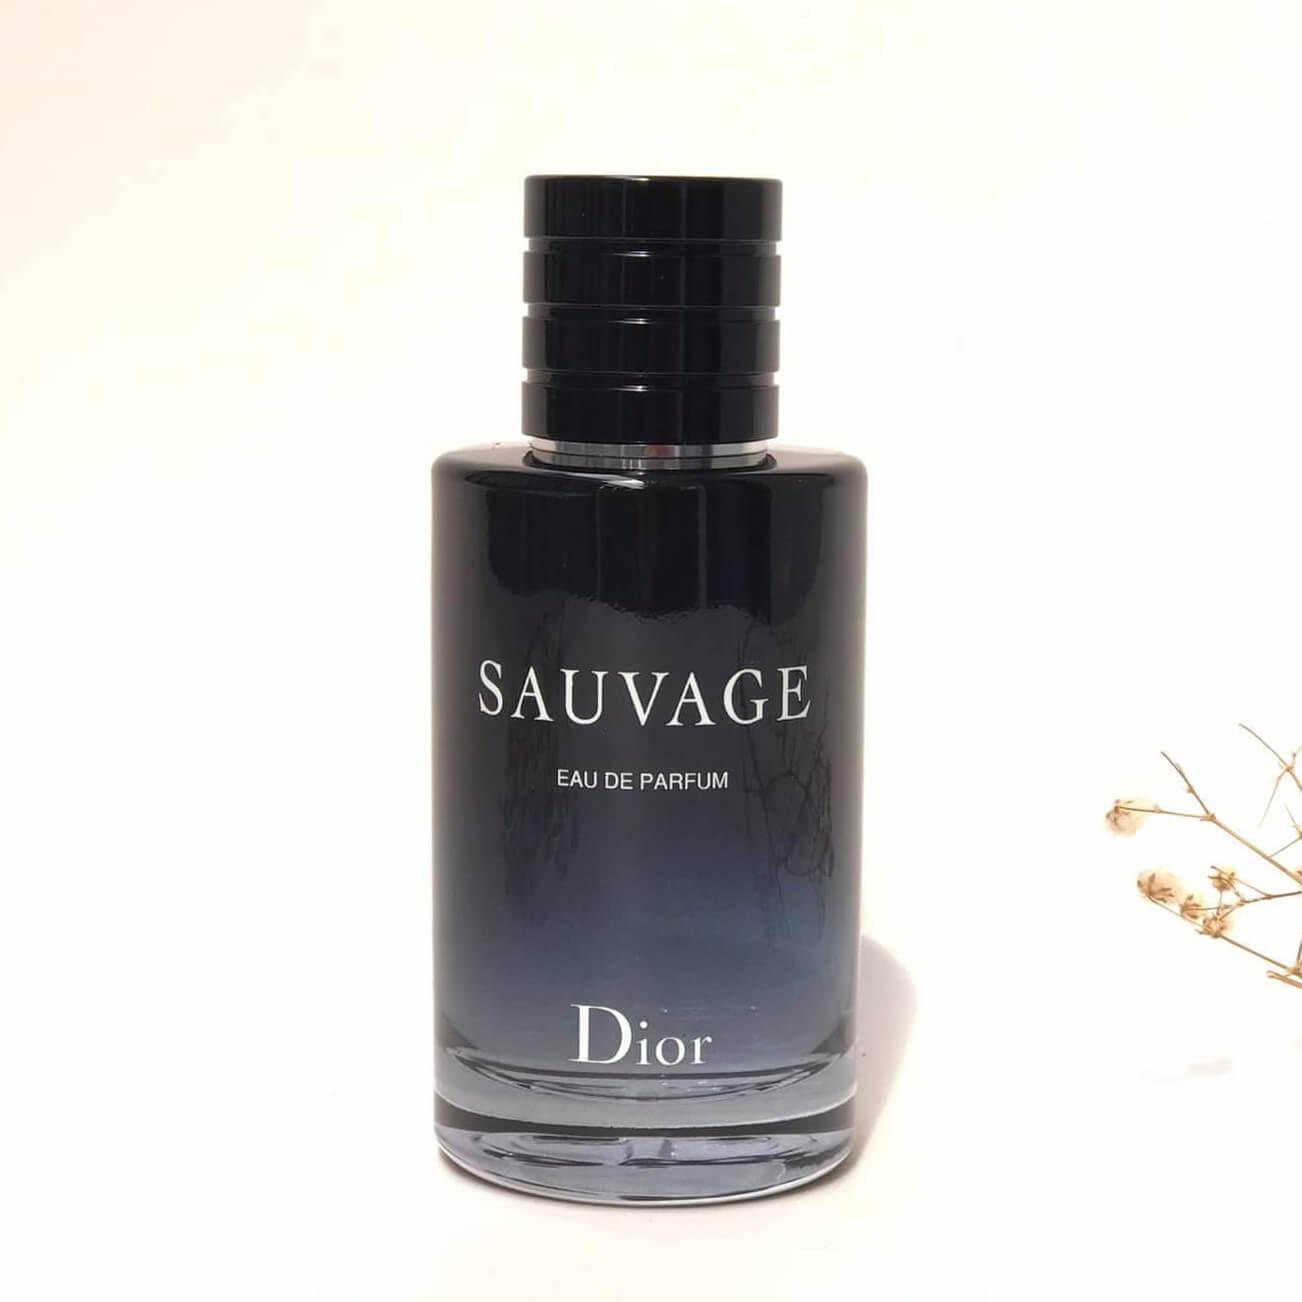 dior-sauvage-eau-de-parfum